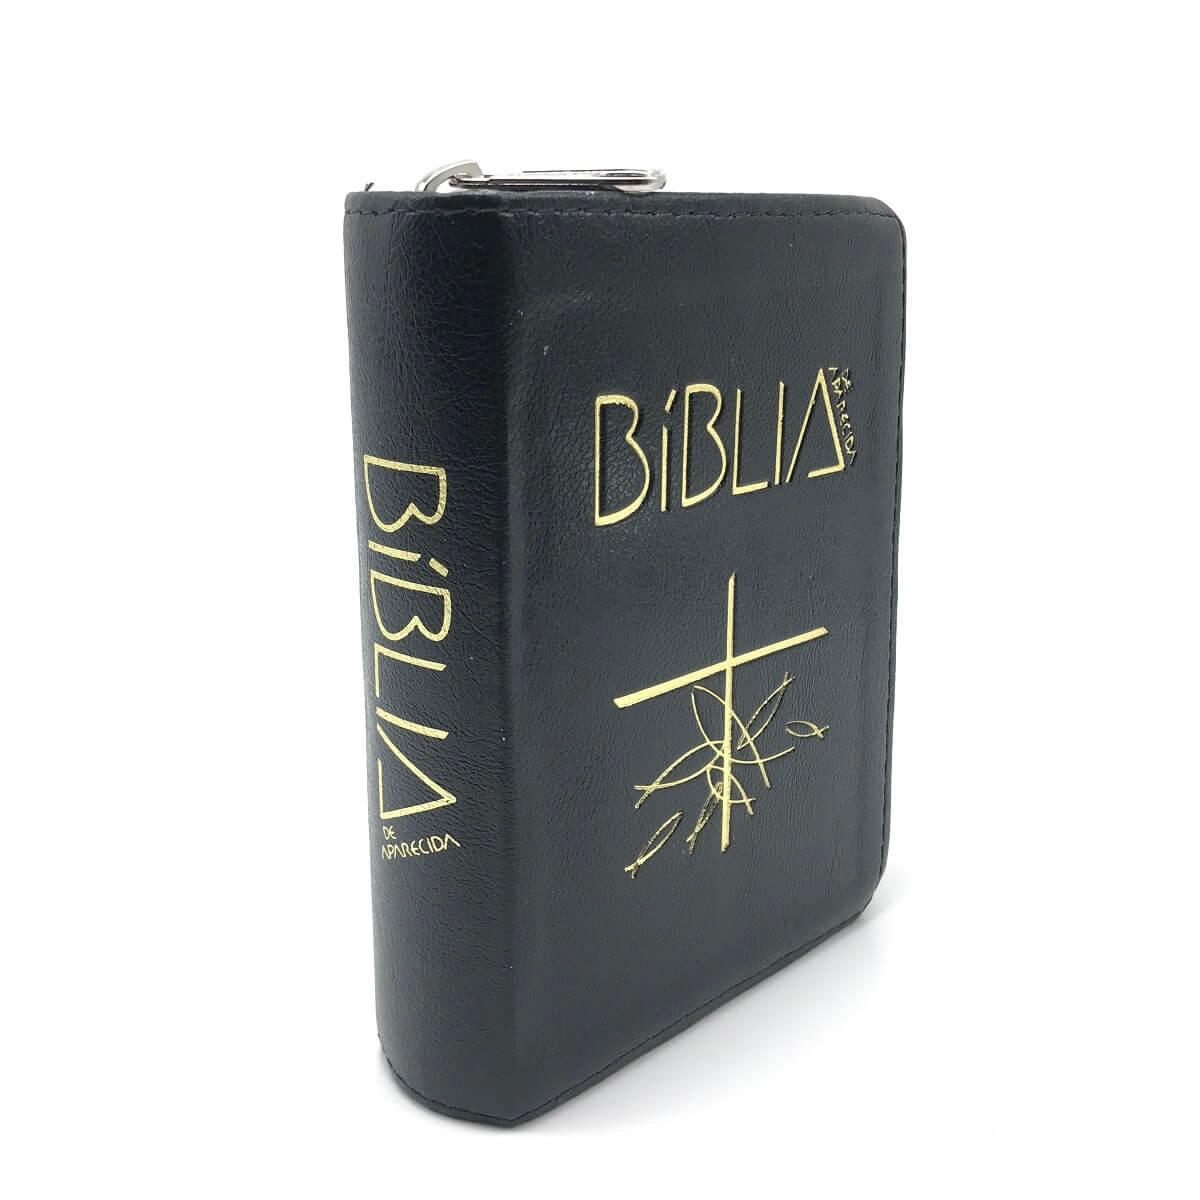 BÍBLIA SAGRADA DE APARECIDA BOLSO COM ZÍPER PRETA